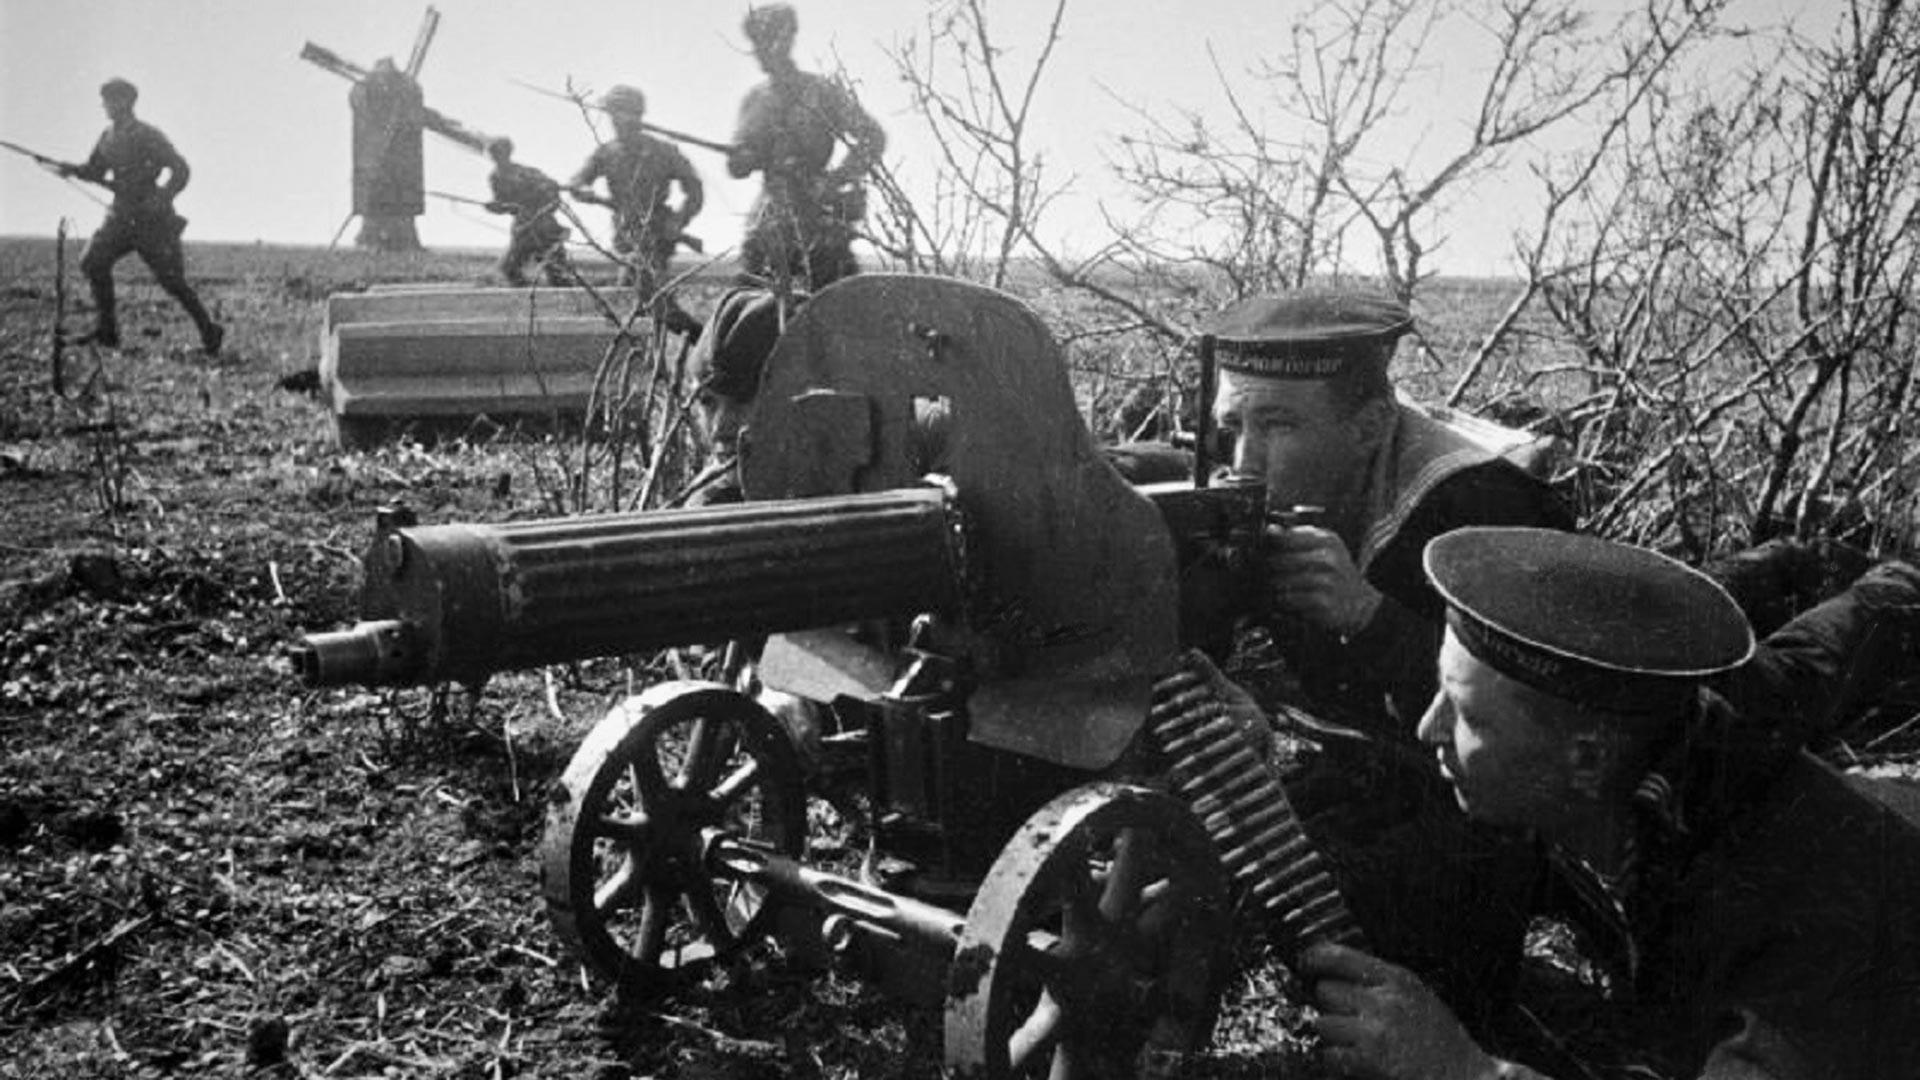 Des marins soviétiques se battent contre des forces ennemies supérieures